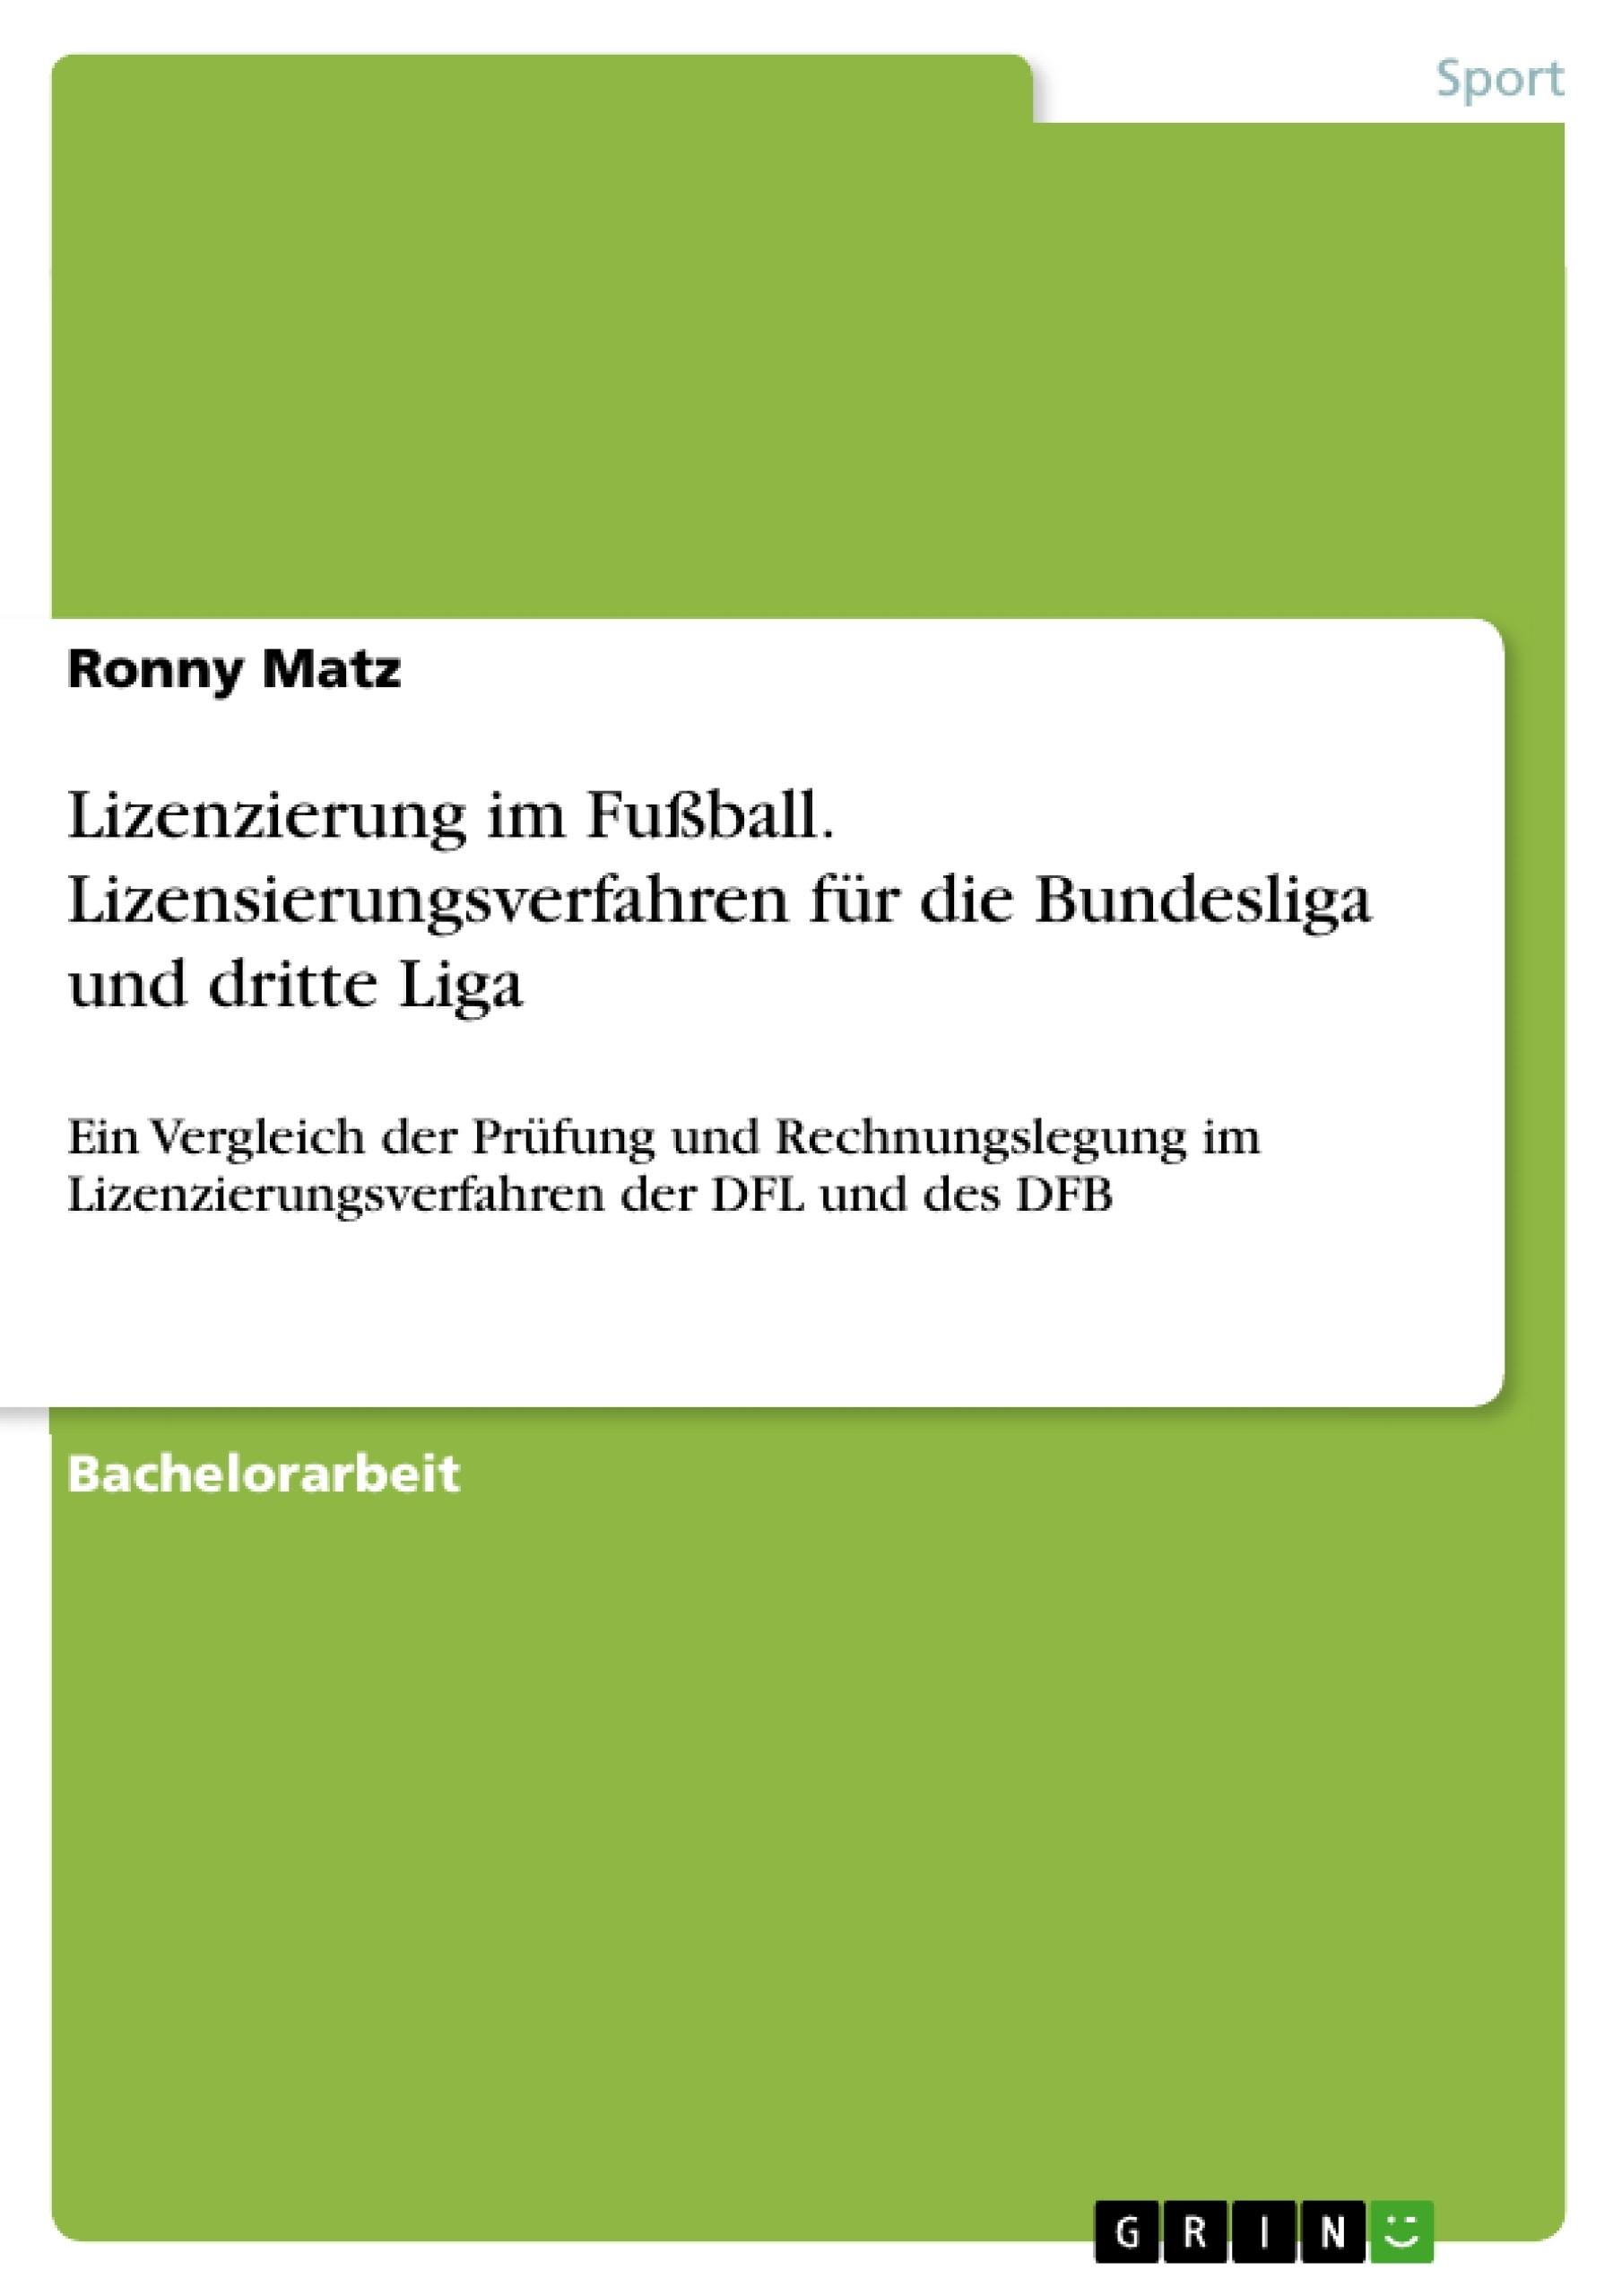 Titel: Lizenzierung im Fußball. Lizensierungsverfahren für die Bundesliga und dritte Liga